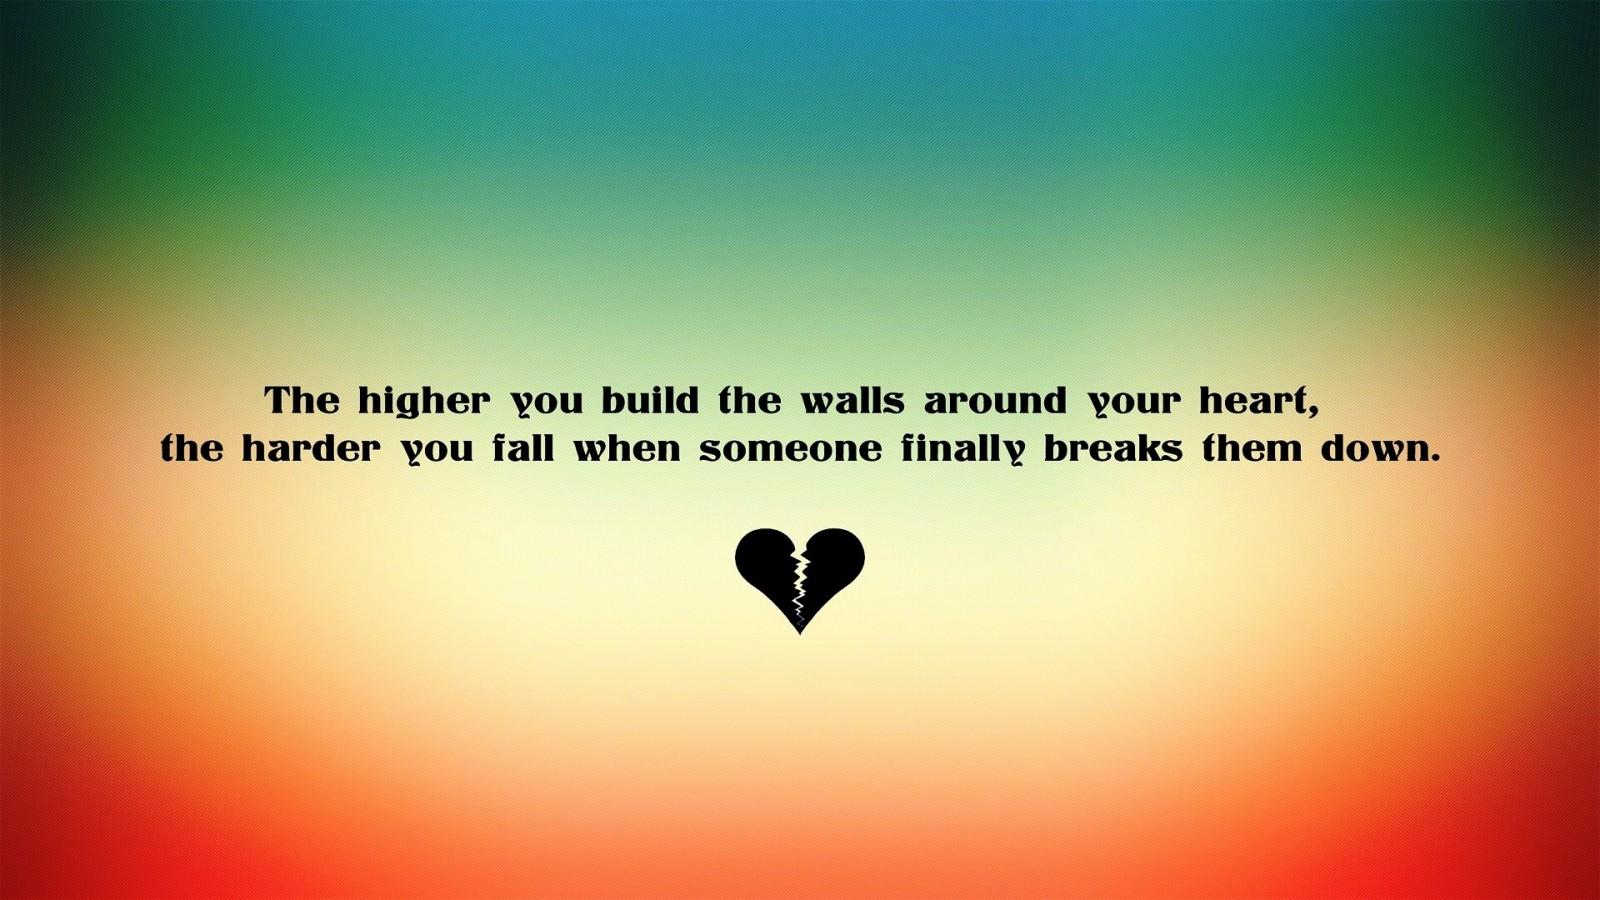 soft-broken-heart-hd-quote